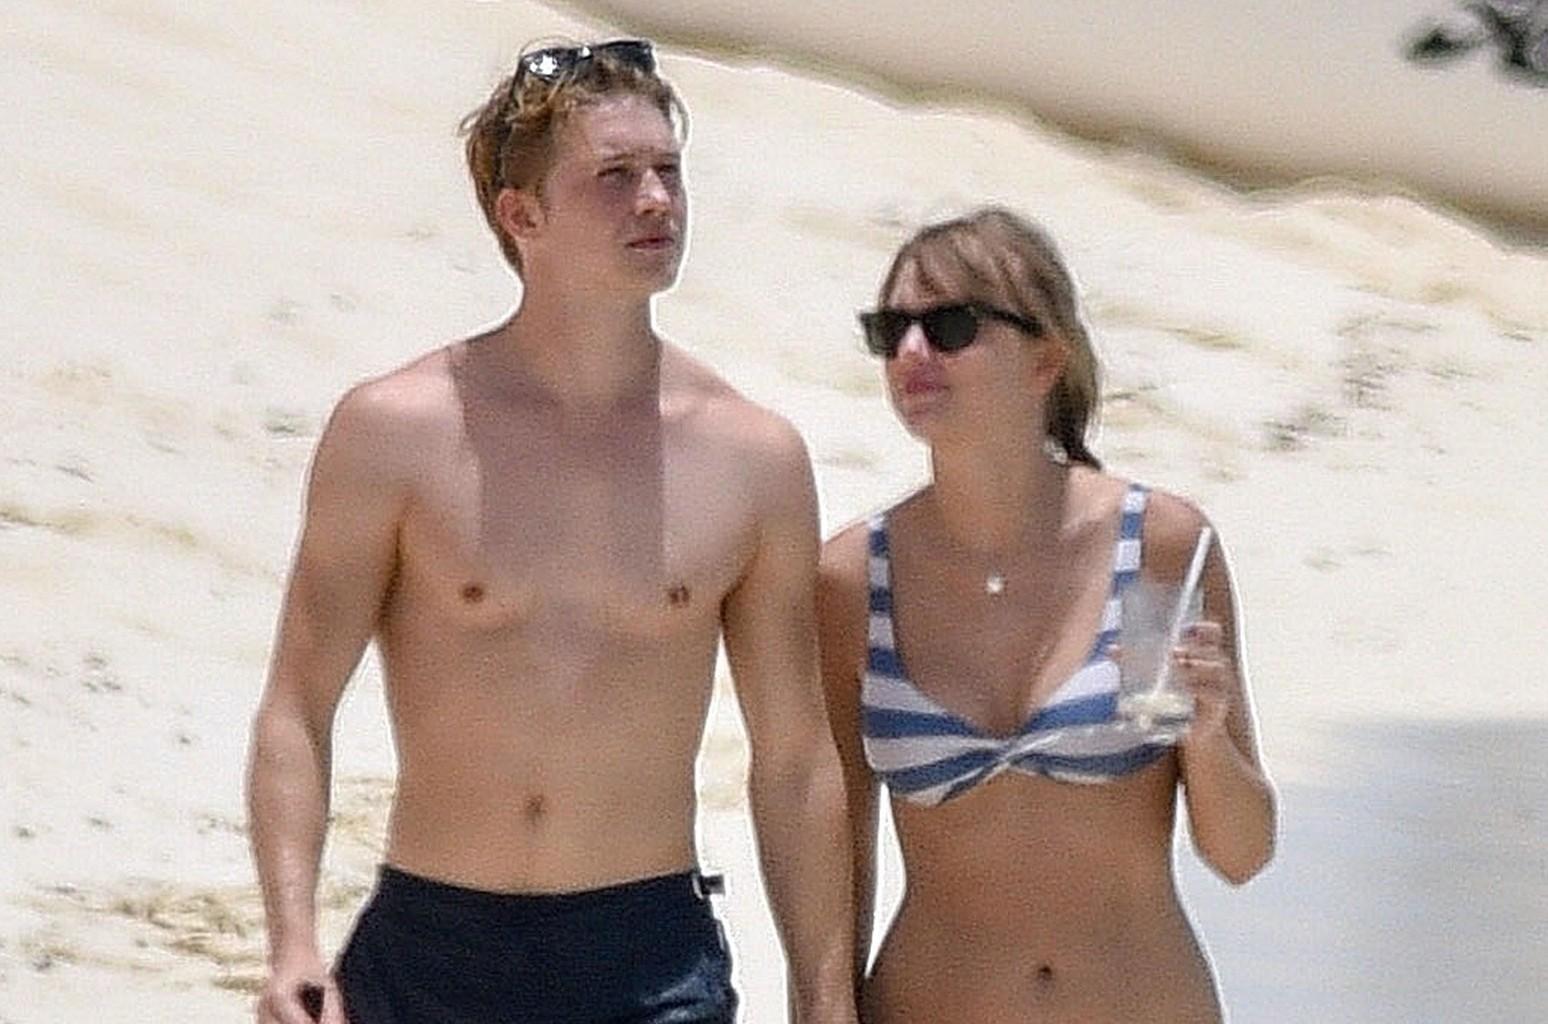 Taylor Swift Joe Alwyn Hold Hands On Vacation See The Photo Billboard Billboard